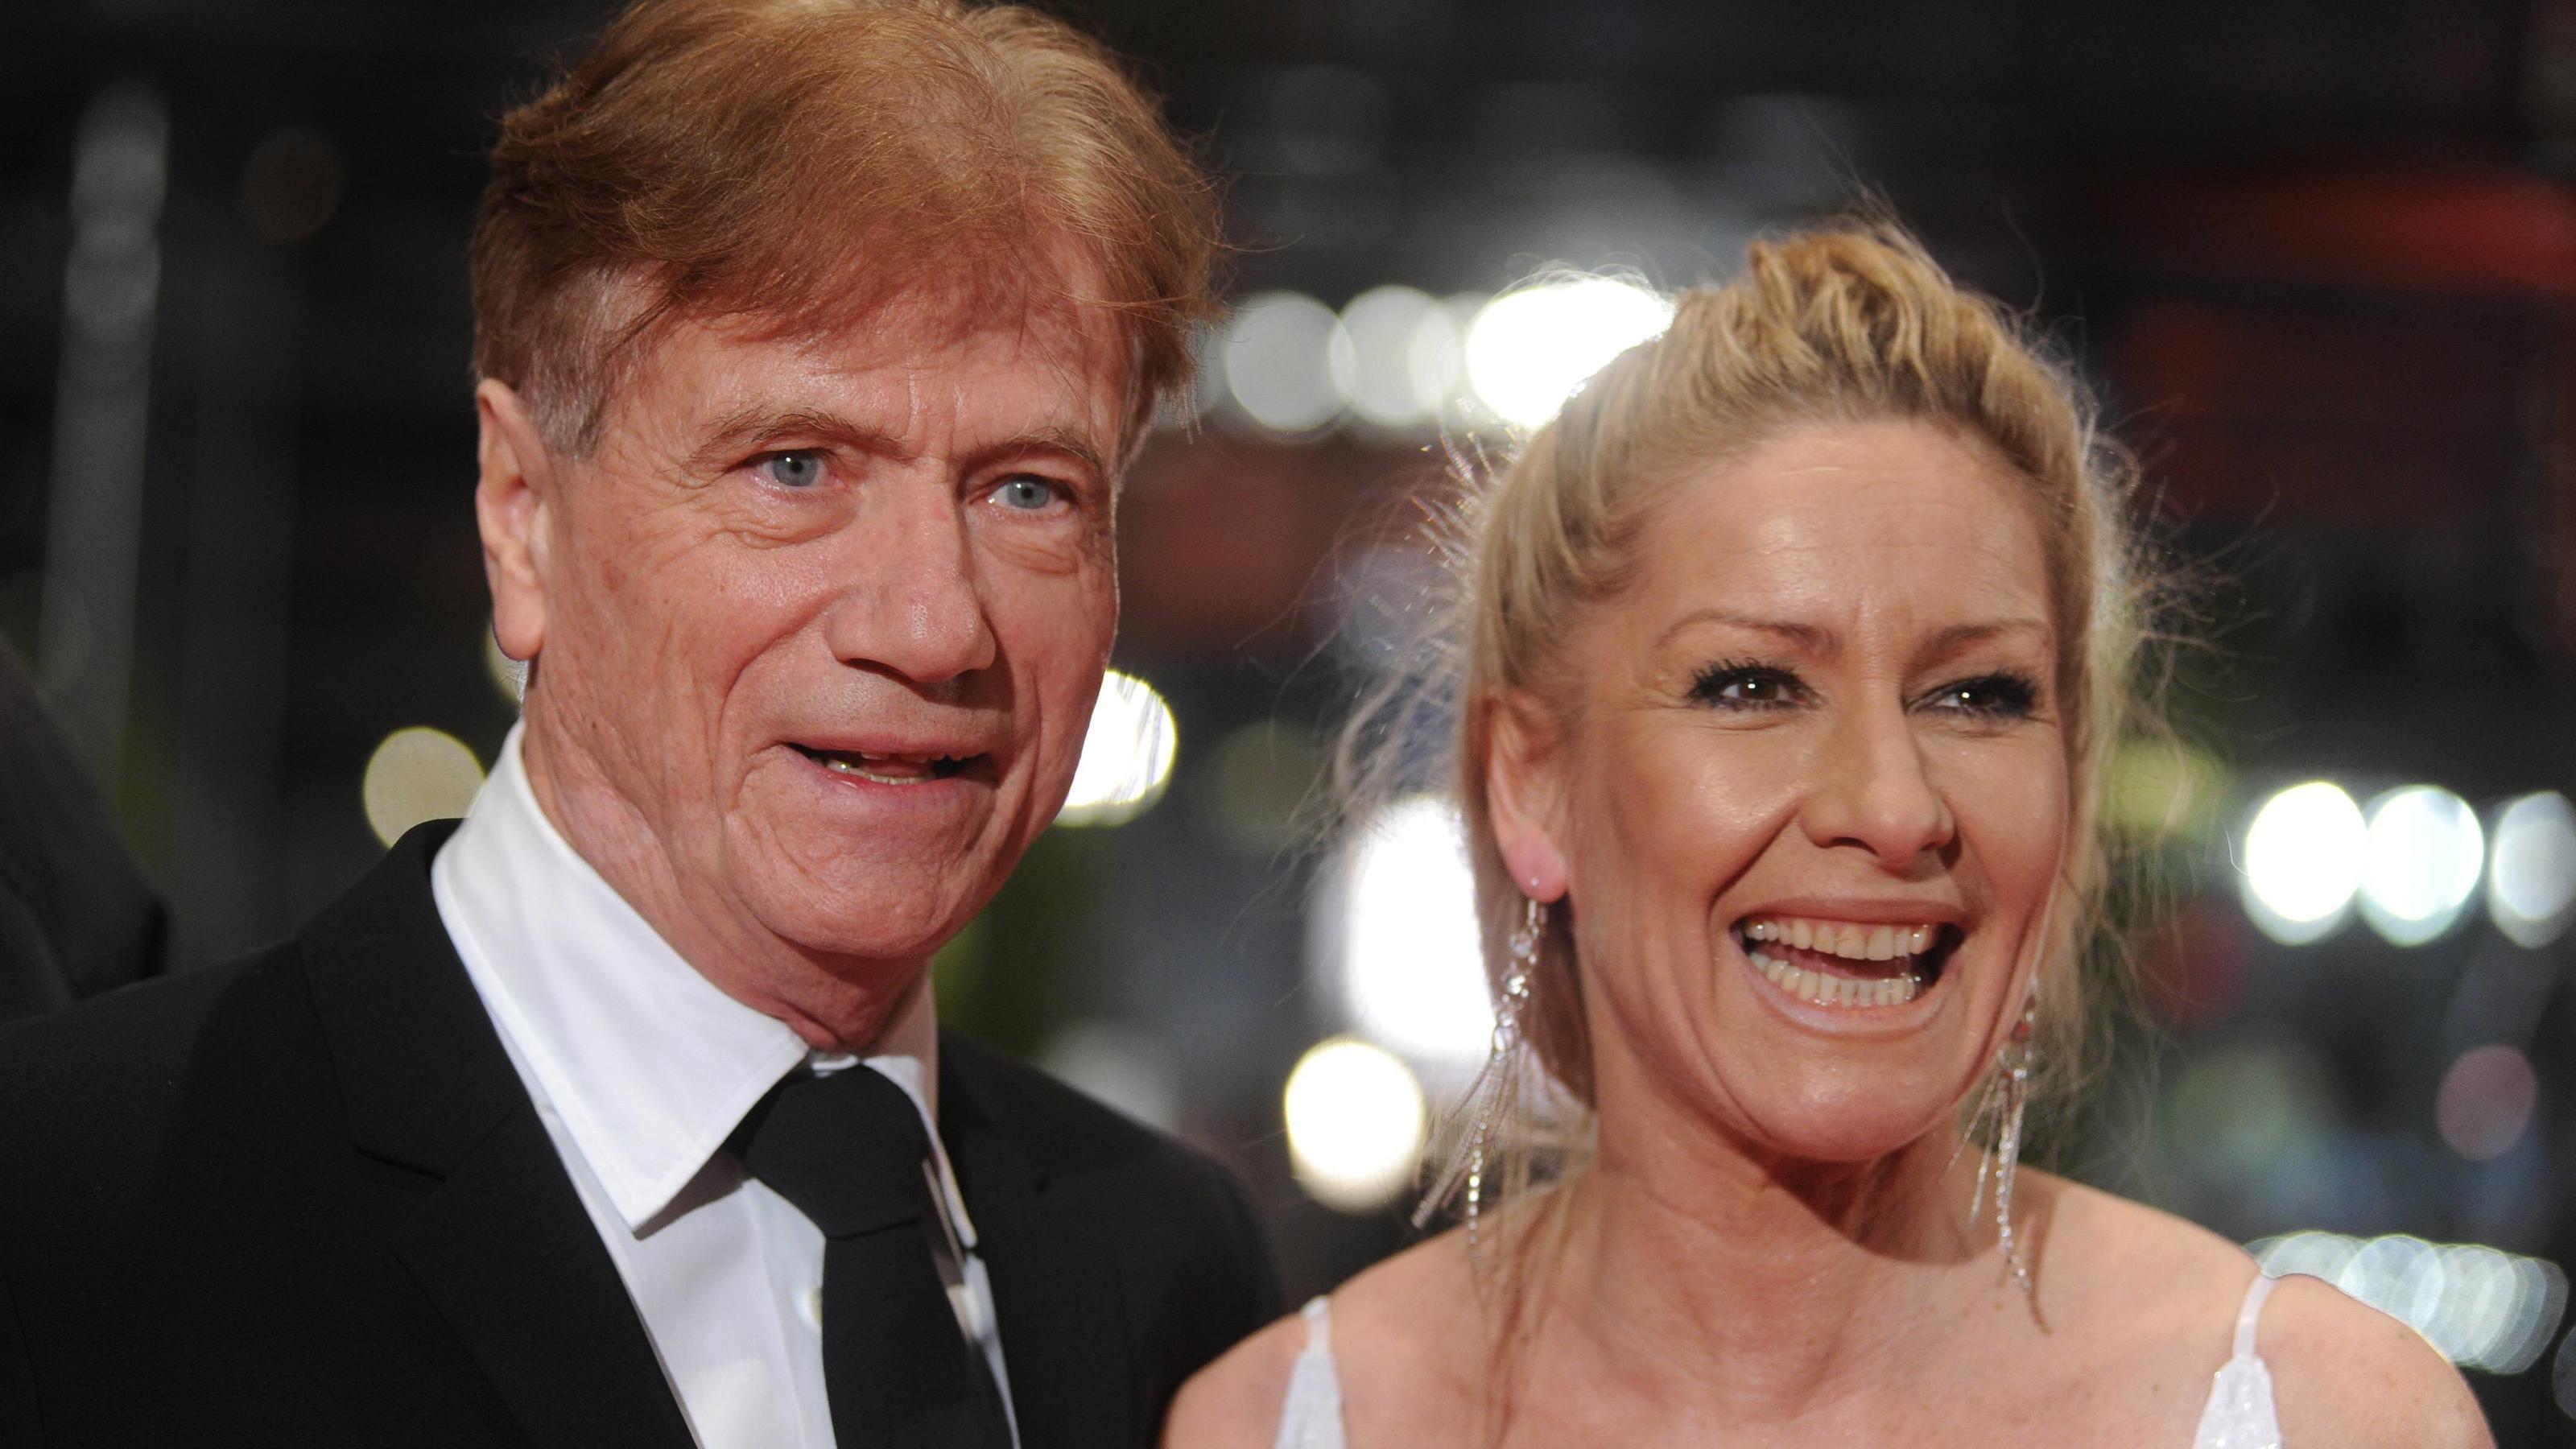 Birgit Stein gestorben : Schauspieler Jürgen Prochnow trauert um seine Ex-Frau